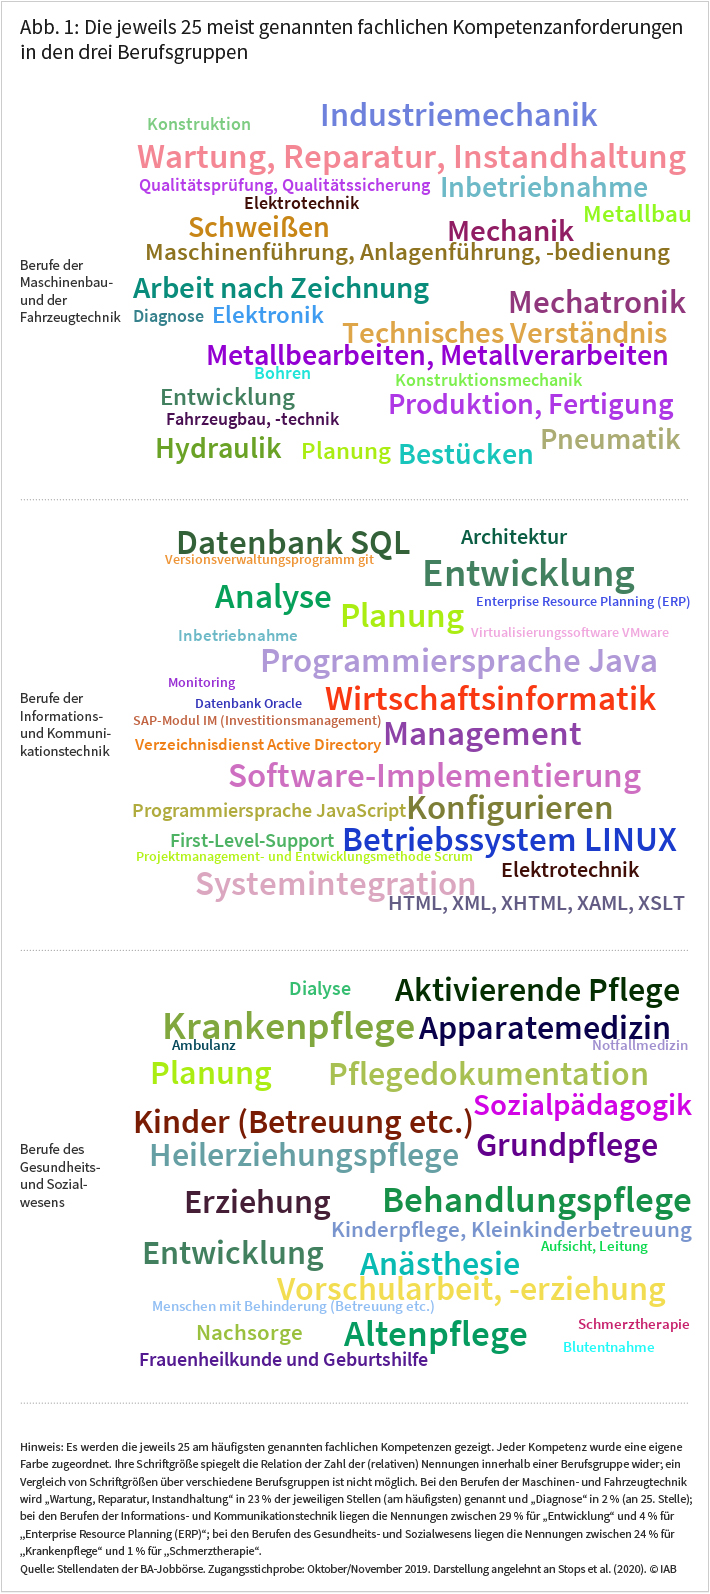 Abbildung 1 zeigt die jeweils 25 meist genannten fachlichen Kompetenzanforderungen in den drei Berufsgruppen (näheres siehe Text). Quelle: Stellendaten der BA-Jobbörse. © IAB